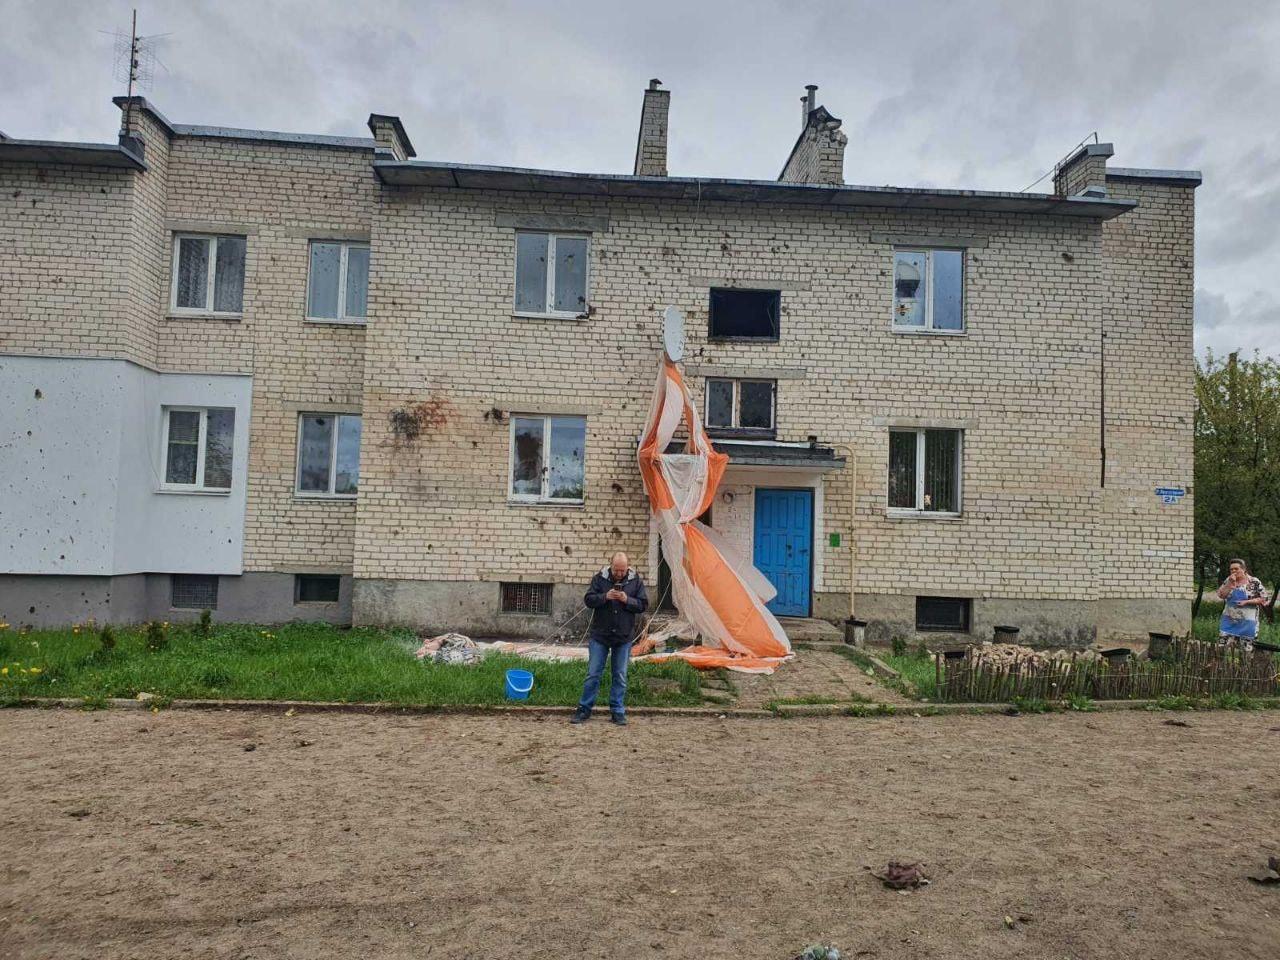 В Барановичах на жилой район упал самолет ВВС Беларуси, два пилота погибли – видео